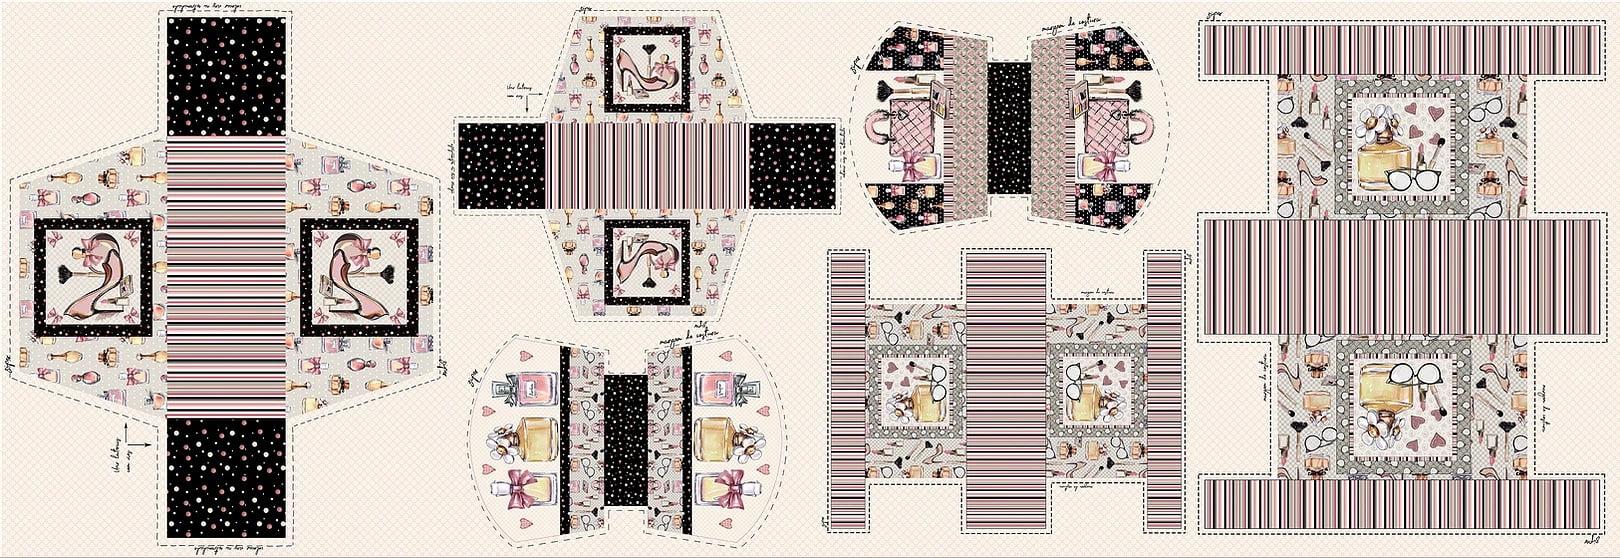 Tecido Digital Painel Necessaire - Coleção Perfume - Preço de 45 cm x 150 cm